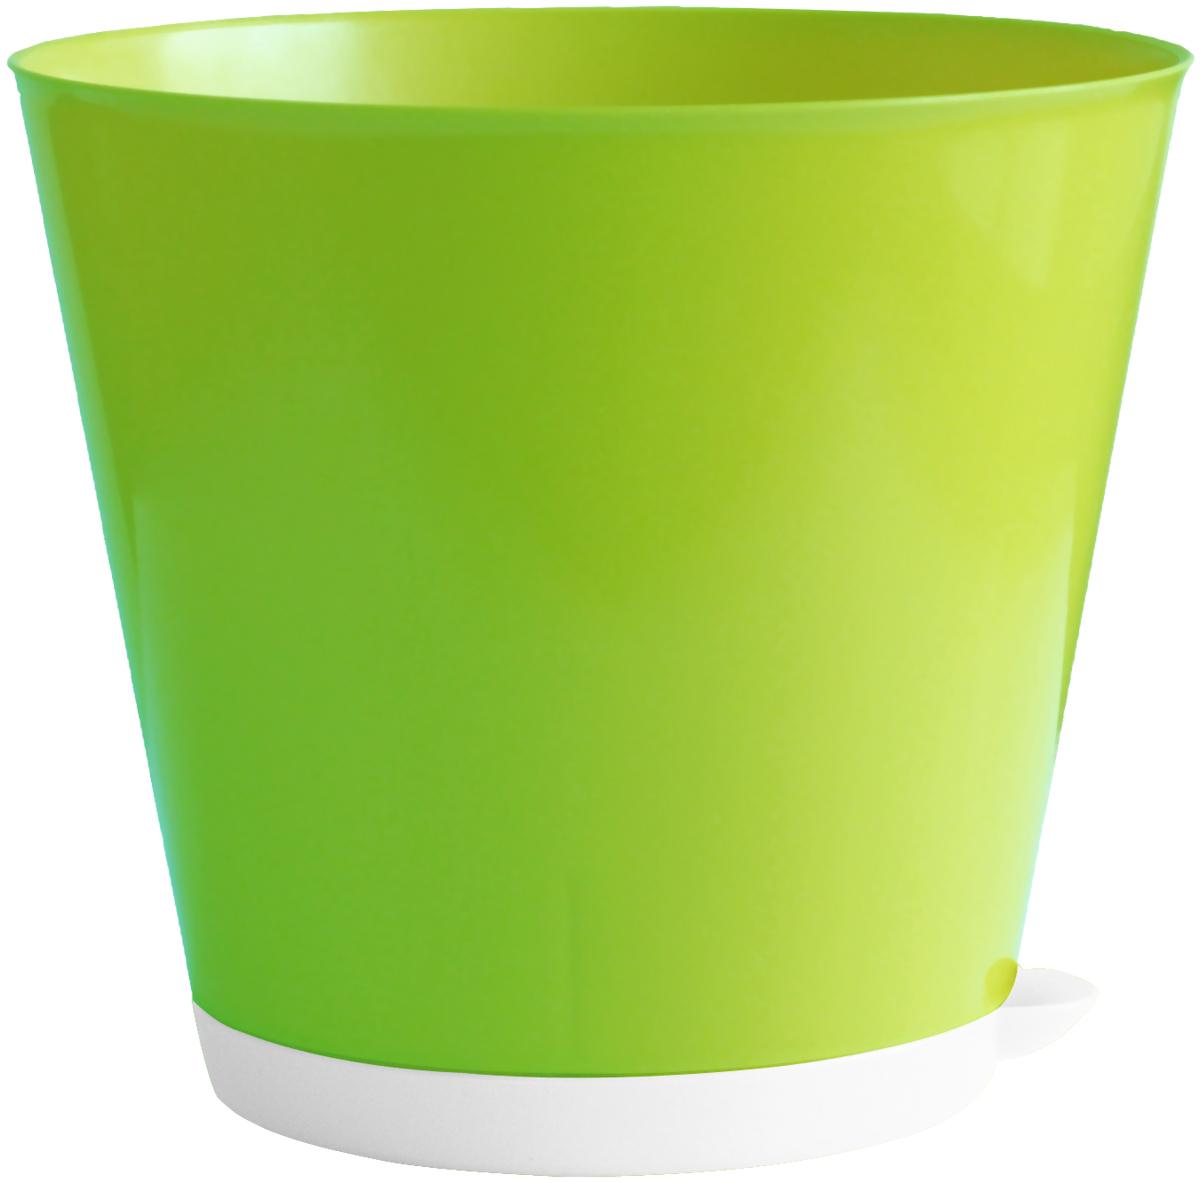 Горшок для цветов InGreen Крит, с системой прикорневого полива, цвет: салатовый, белый, диаметр 22,6 смING46022СЛГоршок InGreen Крит, выполненный из высококачественного пластика, предназначен для выращивания комнатных цветов, растений и трав. Специальная конструкция обеспечивает вентиляцию в корневой системе растения, а дренажные отверстия позволяют выходить лишней влаге из почвы. Крепежные отверстия и штыри прочно крепят подставку к горшку. Прикорневой полив растения осуществляется через удобный носик. Система прикорневого полива позволяет оставлять комнатное растение без внимания тем, кто часто находится в командировках или собирается в отпуск и не имеет возможности вовремя поливать цветы.Такой горшок порадует вас современным дизайном и функциональностью, а также оригинально украсит интерьер любого помещения. Объем: 5 л.